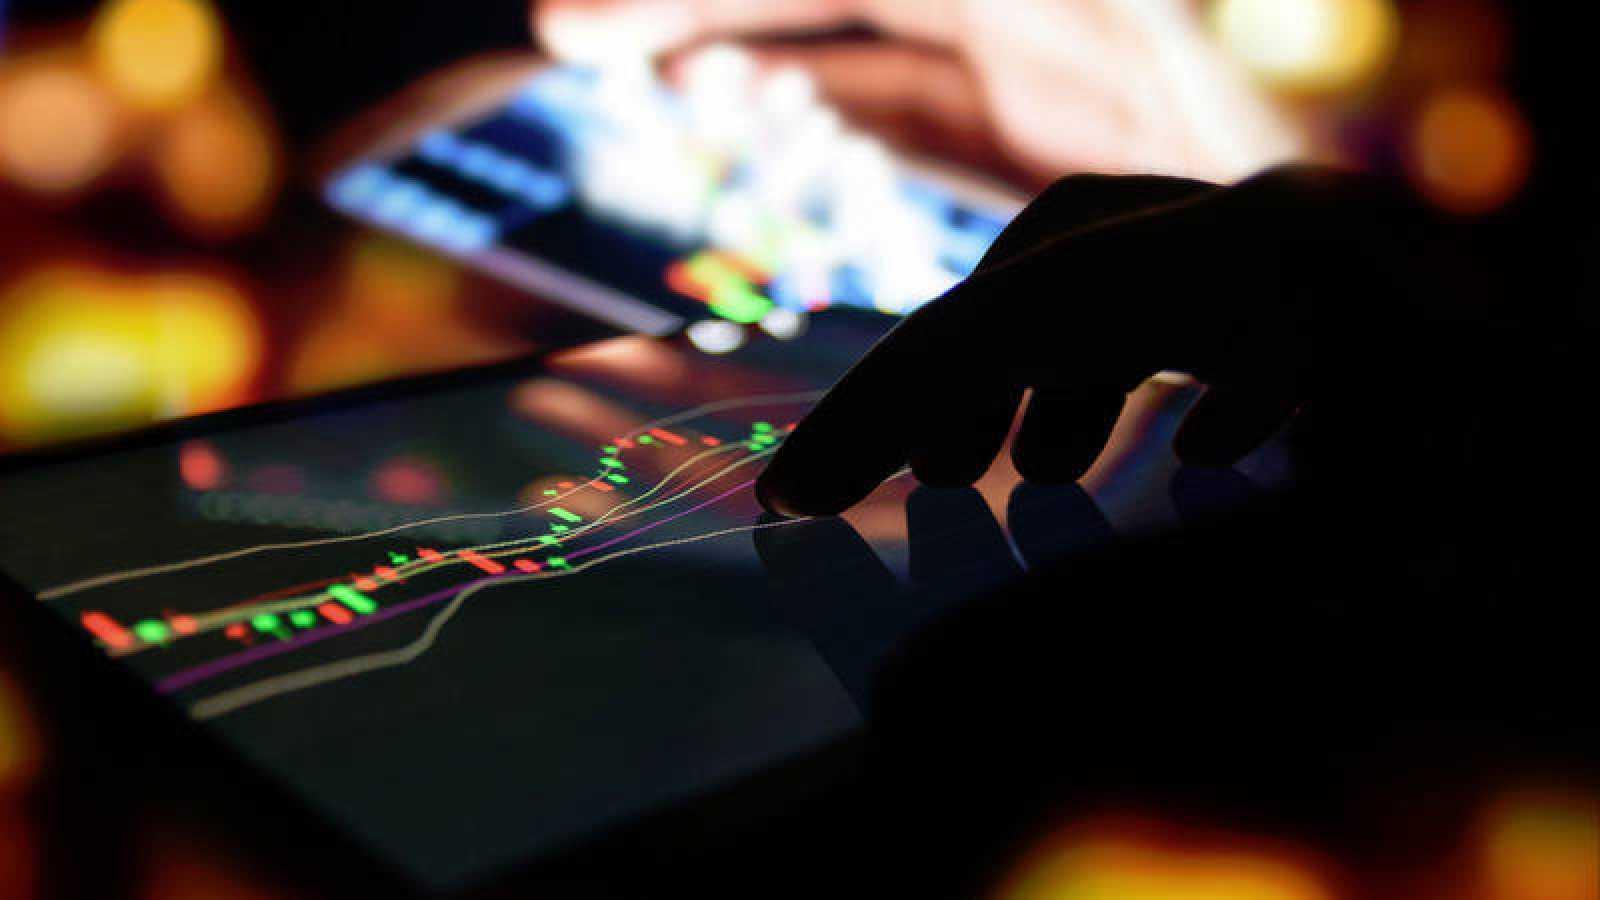 Por norma general, los programas maliciosos suelen instalarse en los dispositivos móviles cuando el usuario descarga alguna aplicación desde un mercado no oficial.